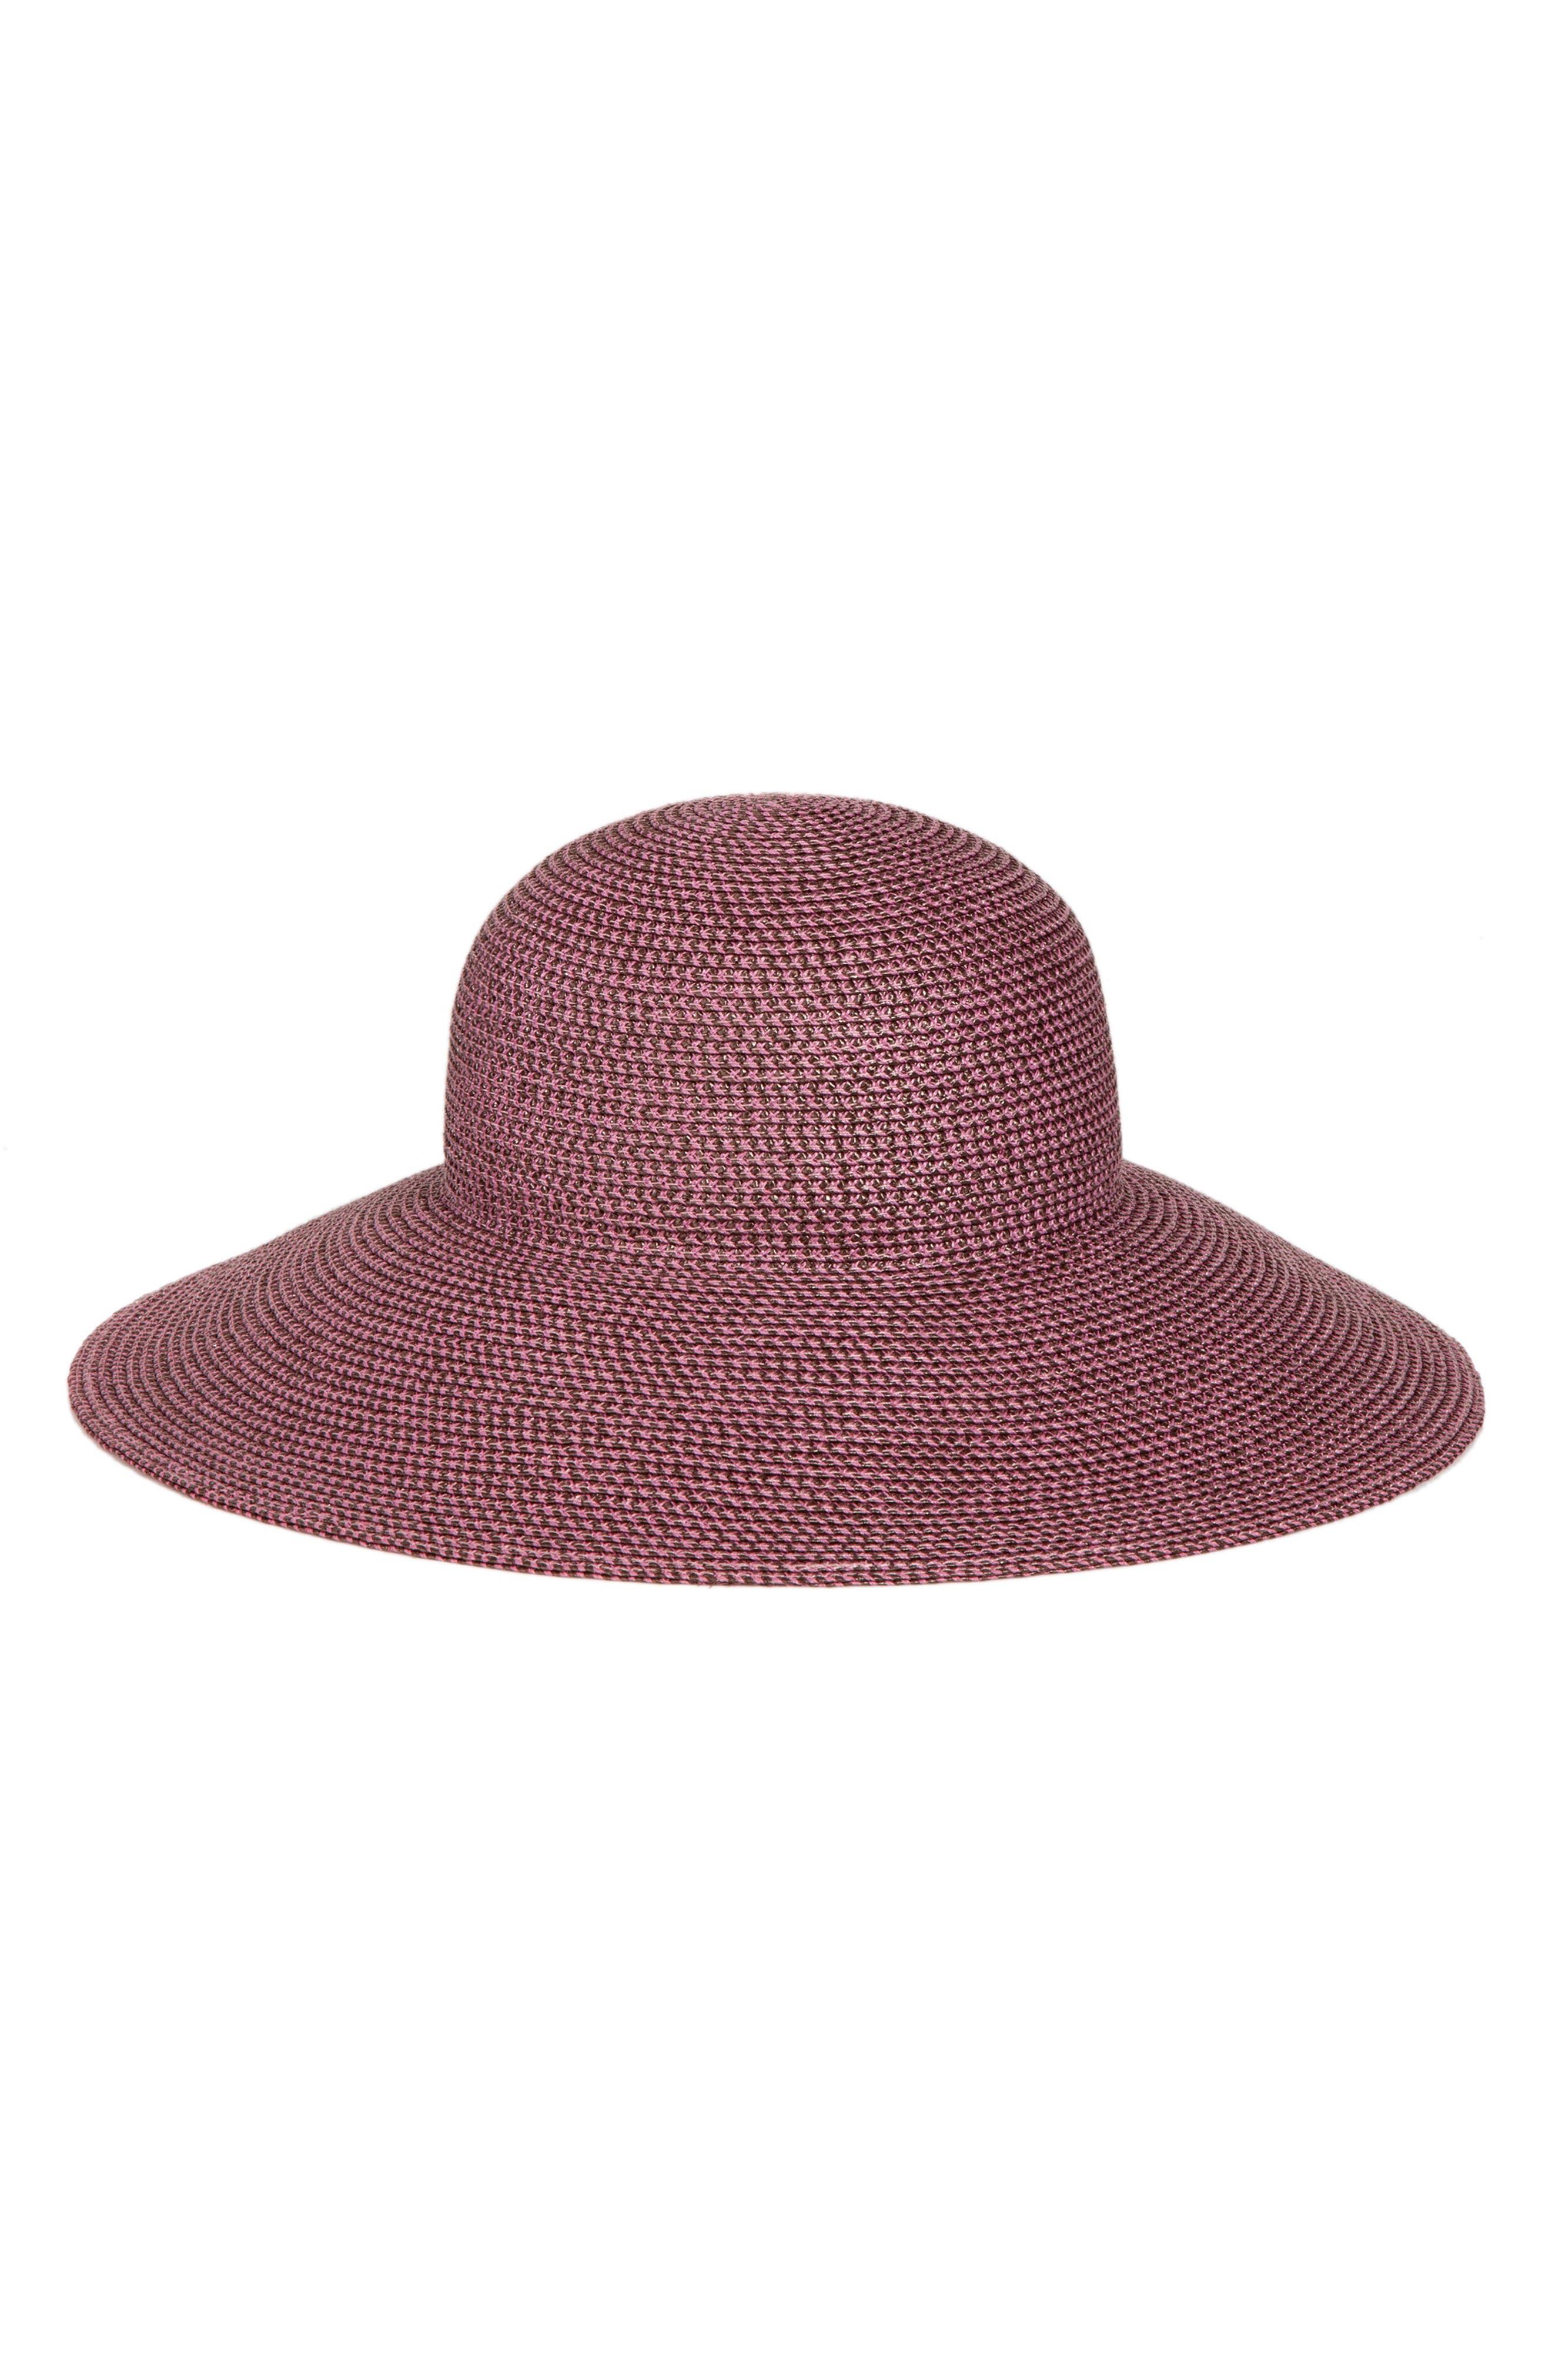 f8f9576a9db22e Women's Eric Javits Sun & Straw Hats | Nordstrom